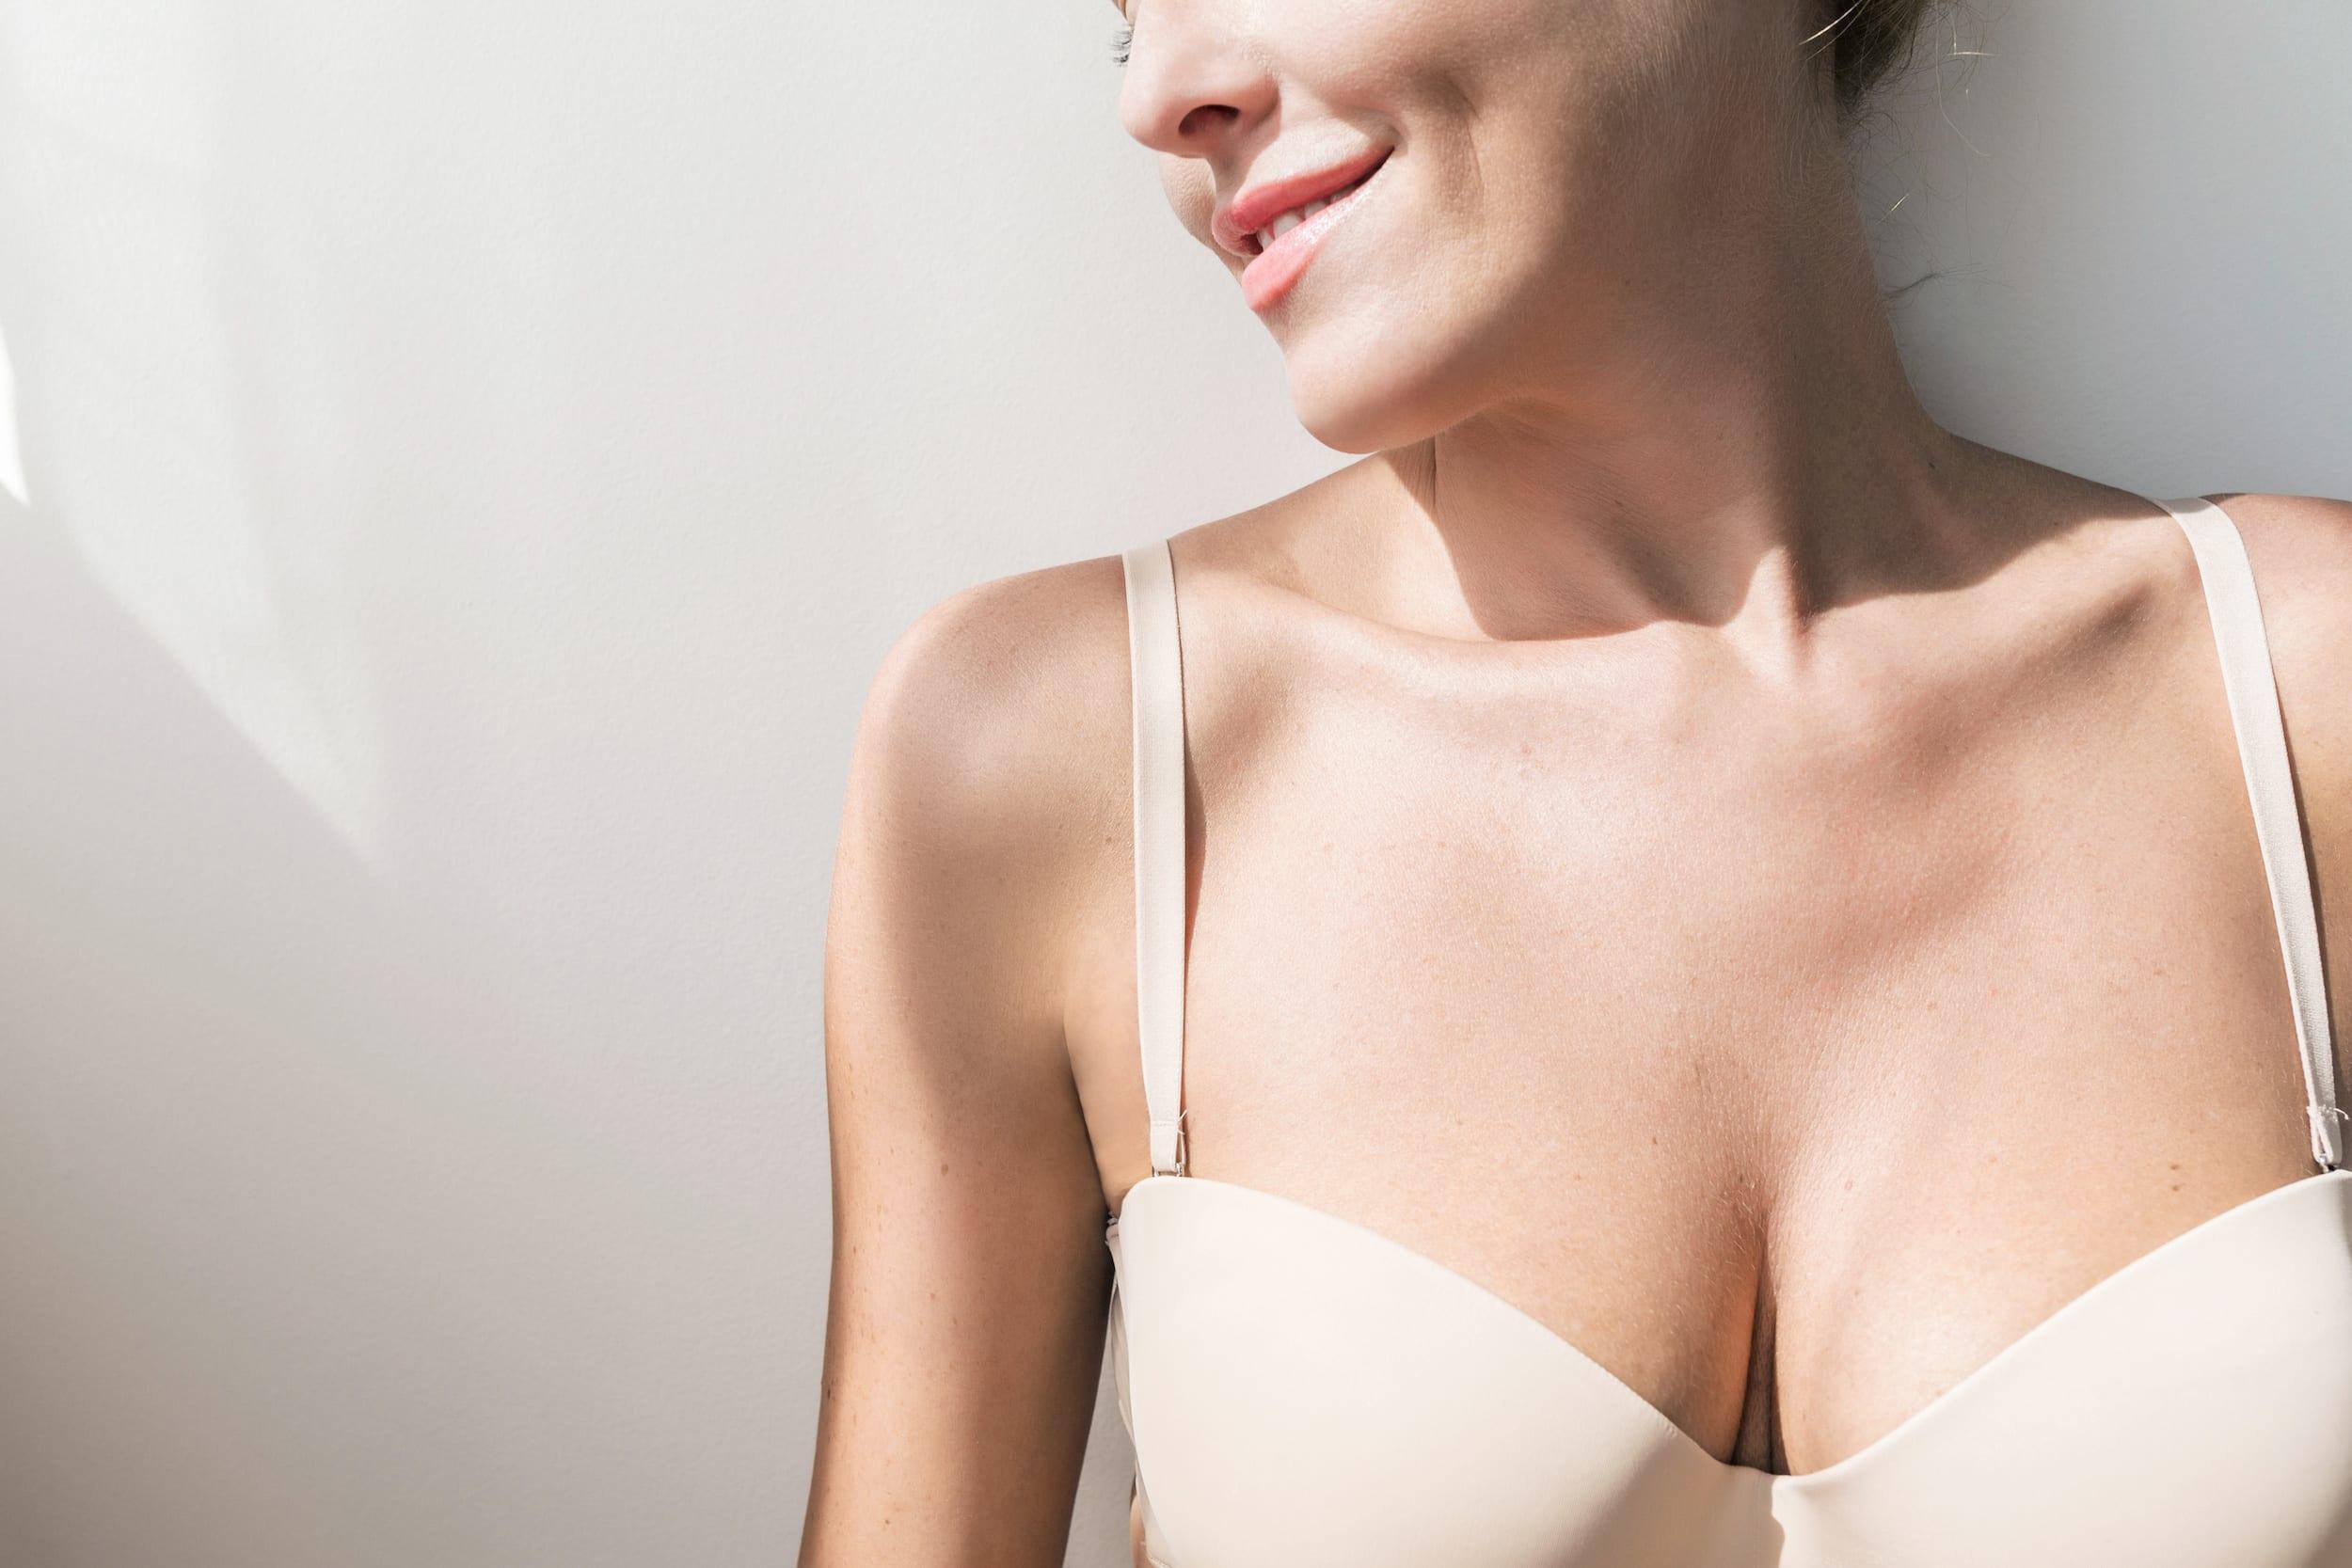 Portrait of Caucasian woman wearing lingerie after Breast Lift in Winnipeg, MB